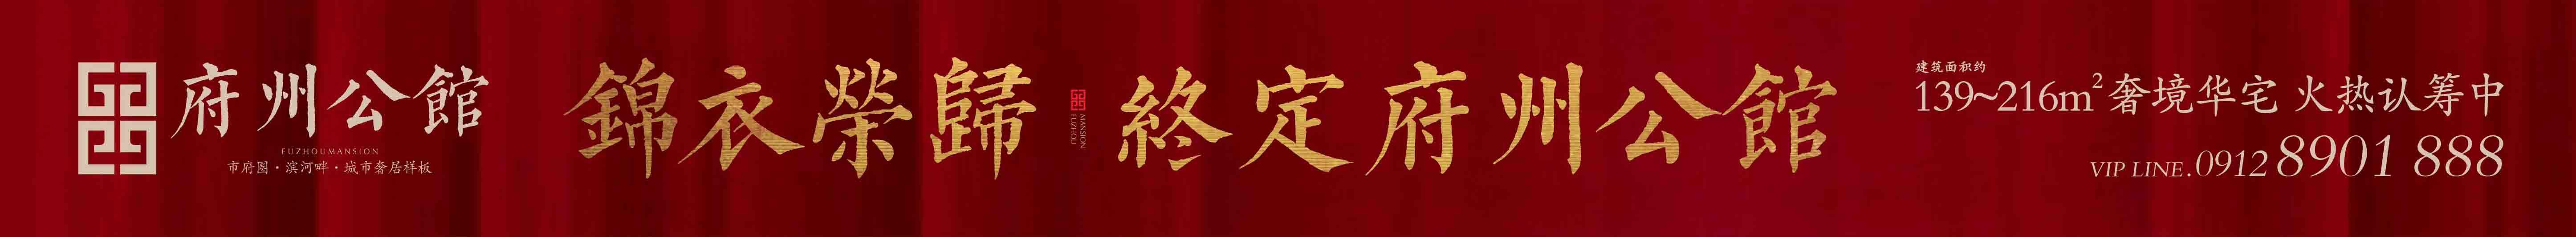 锦衣欢乐 终定府州公馆